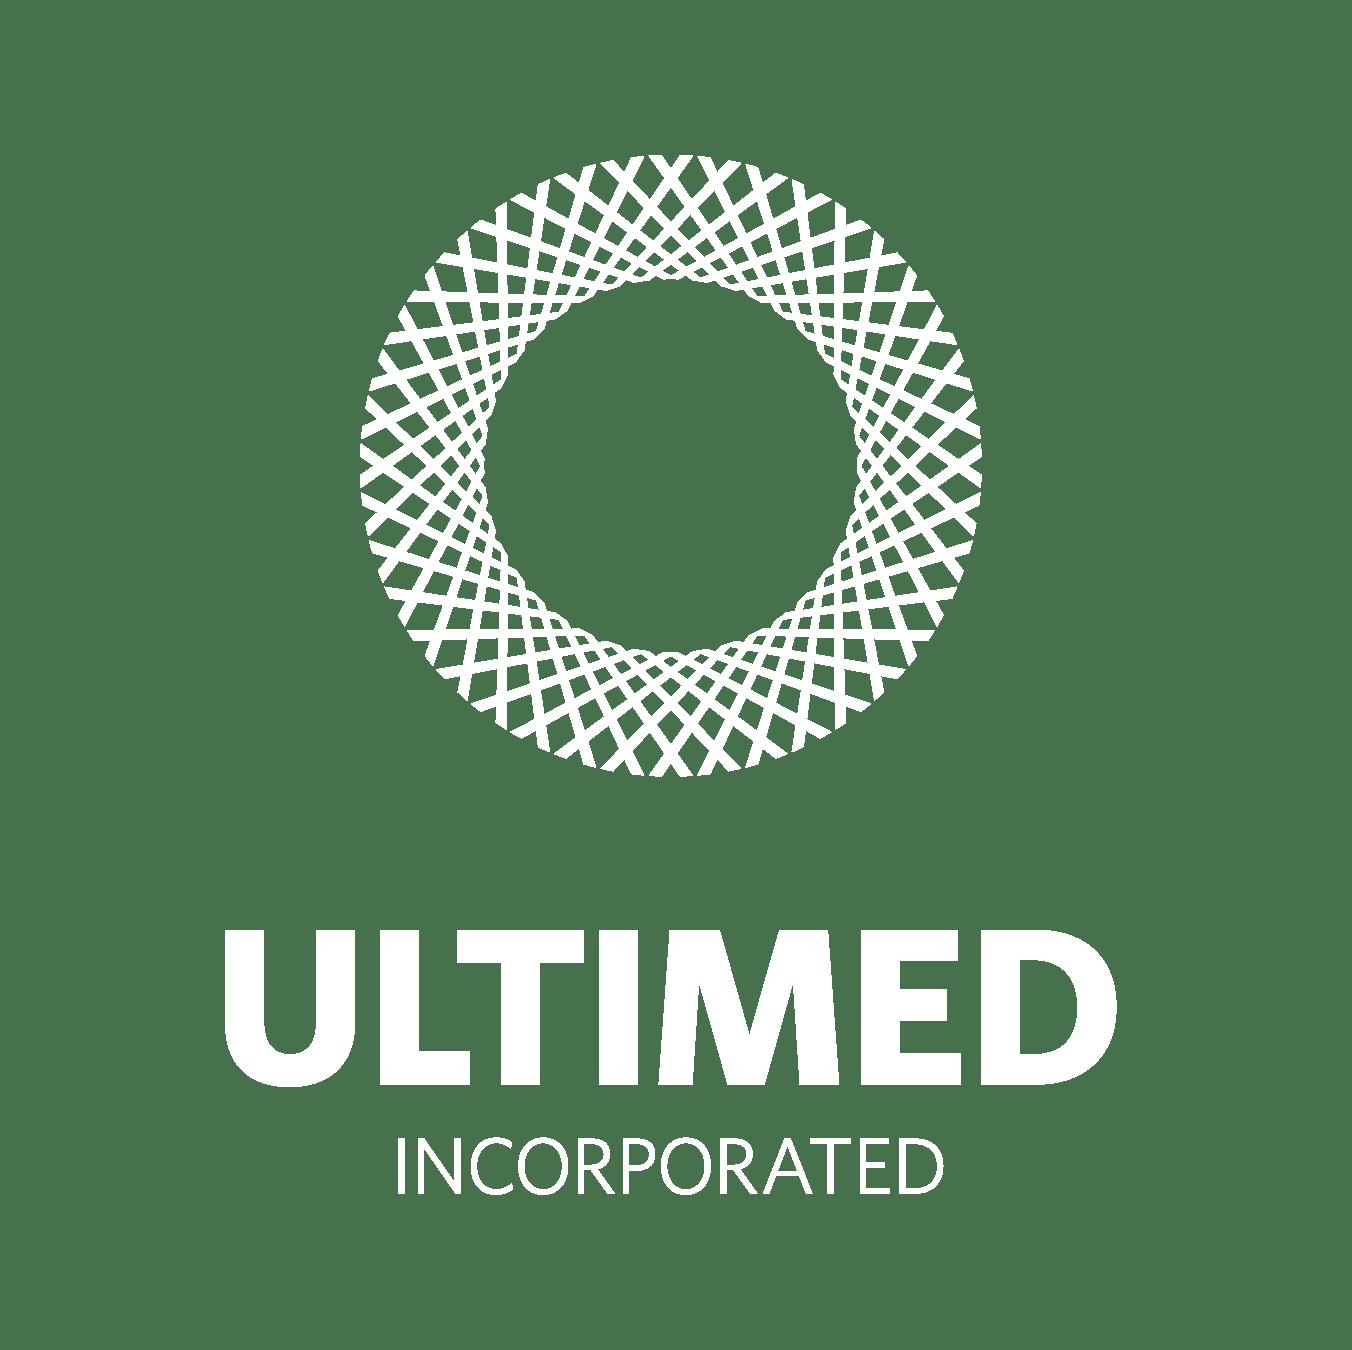 UltiMed